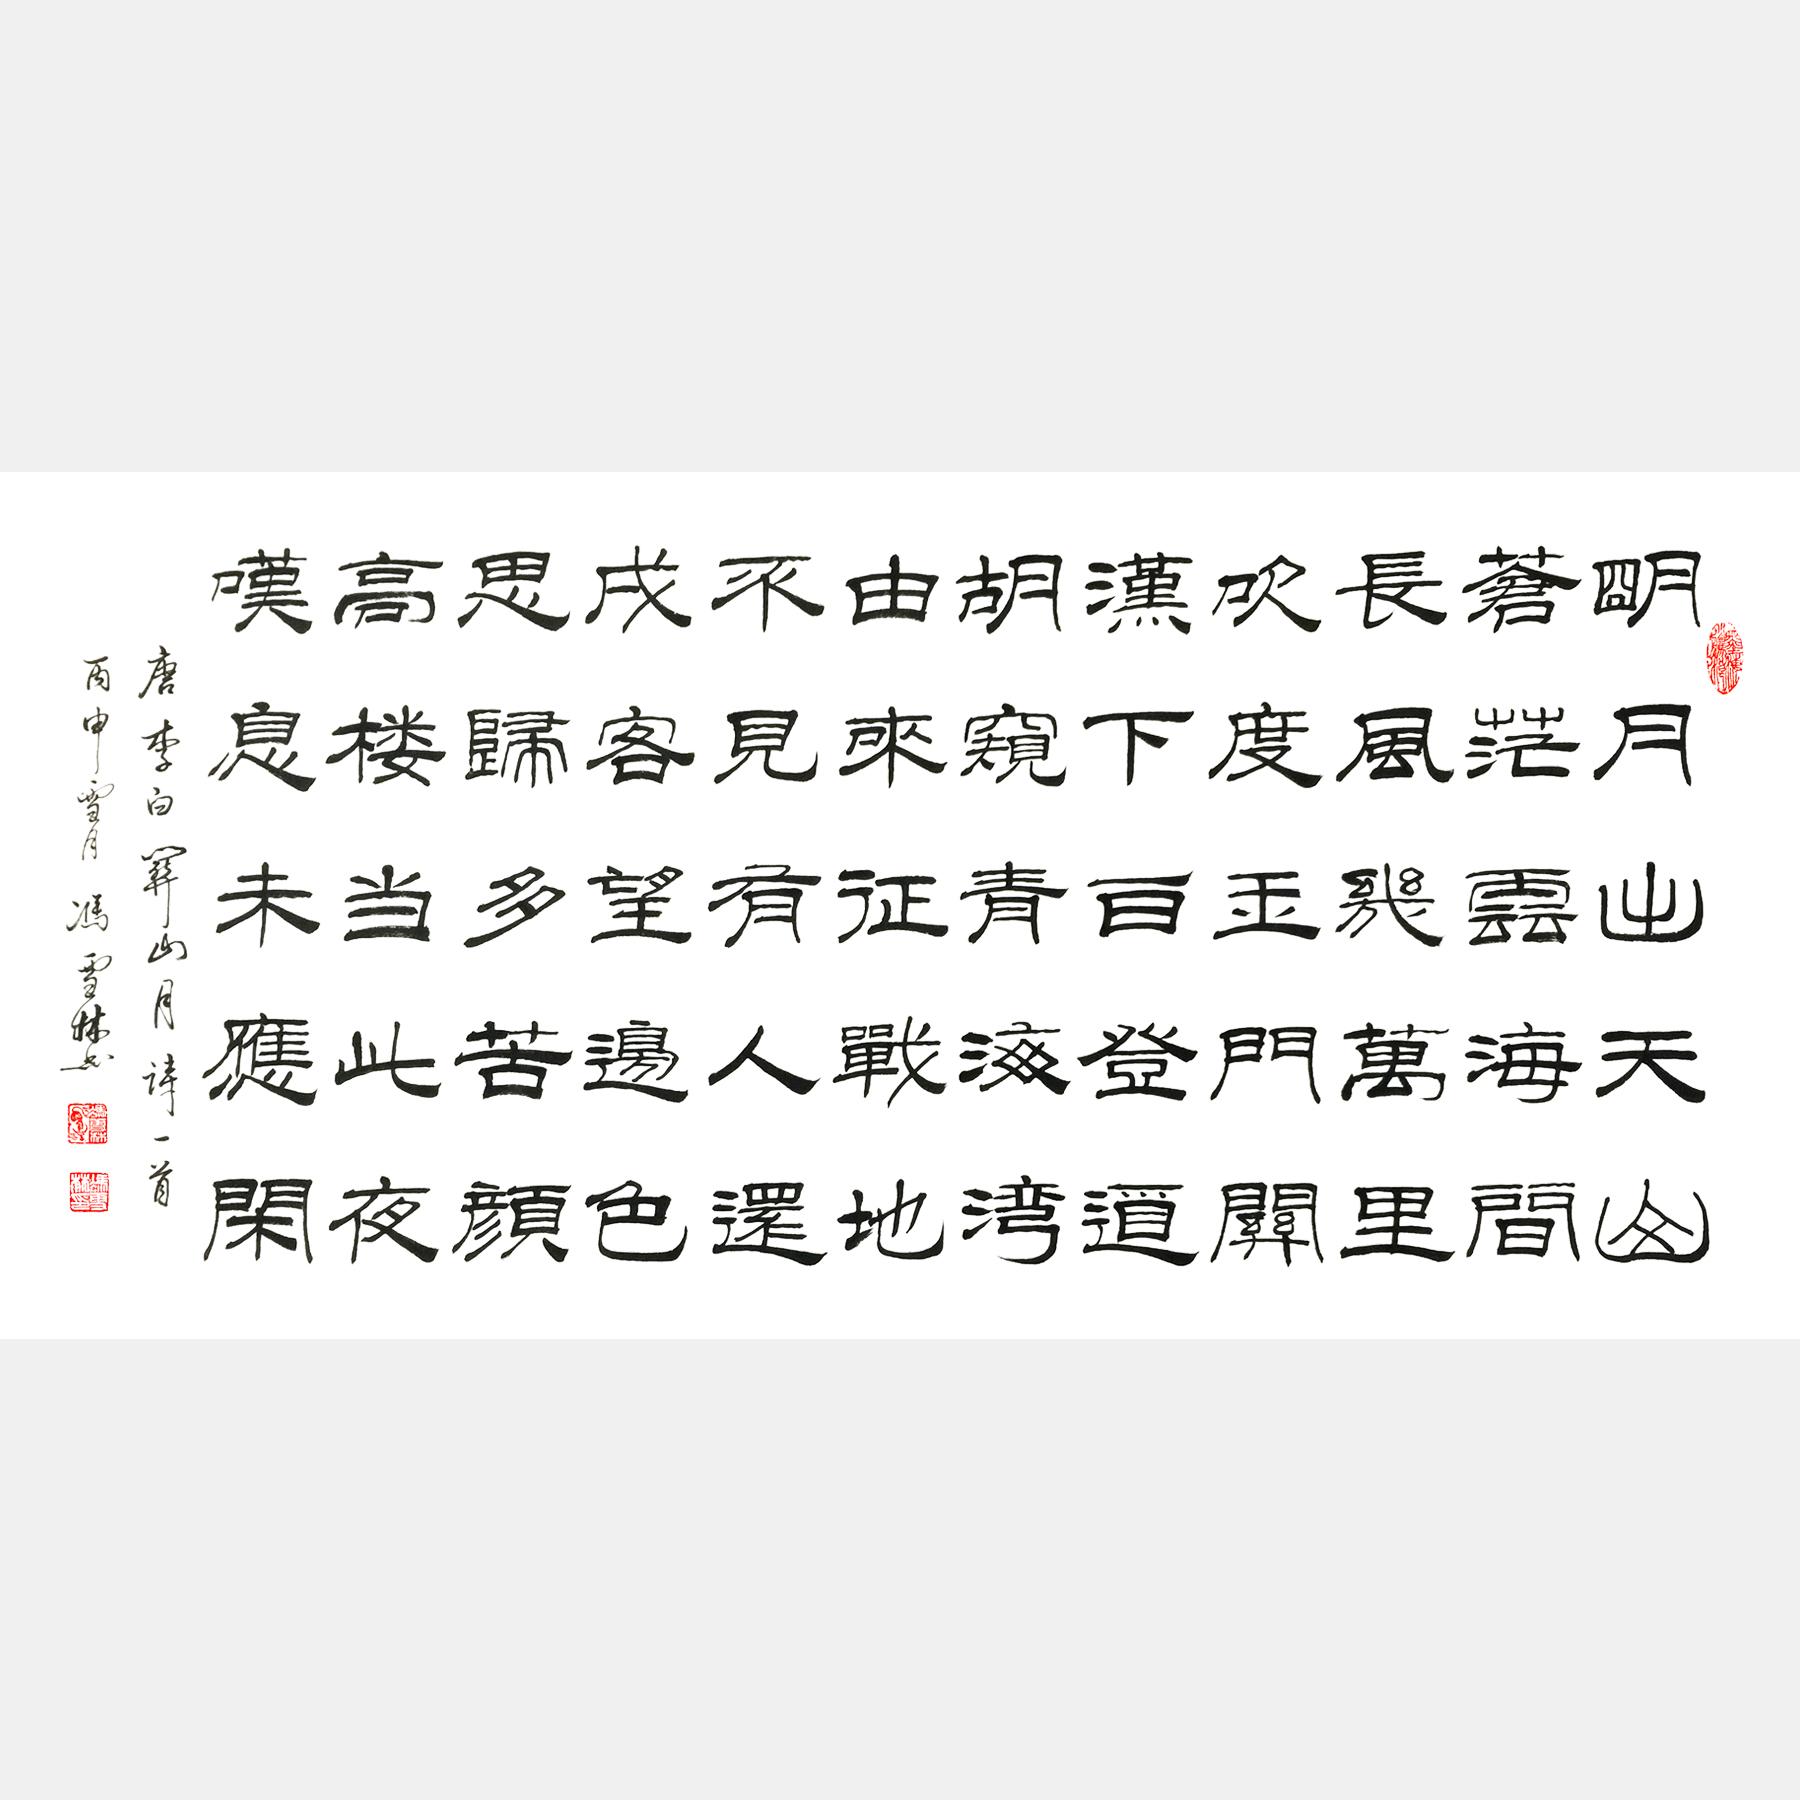 唐・李白名篇《关山月》书法作品